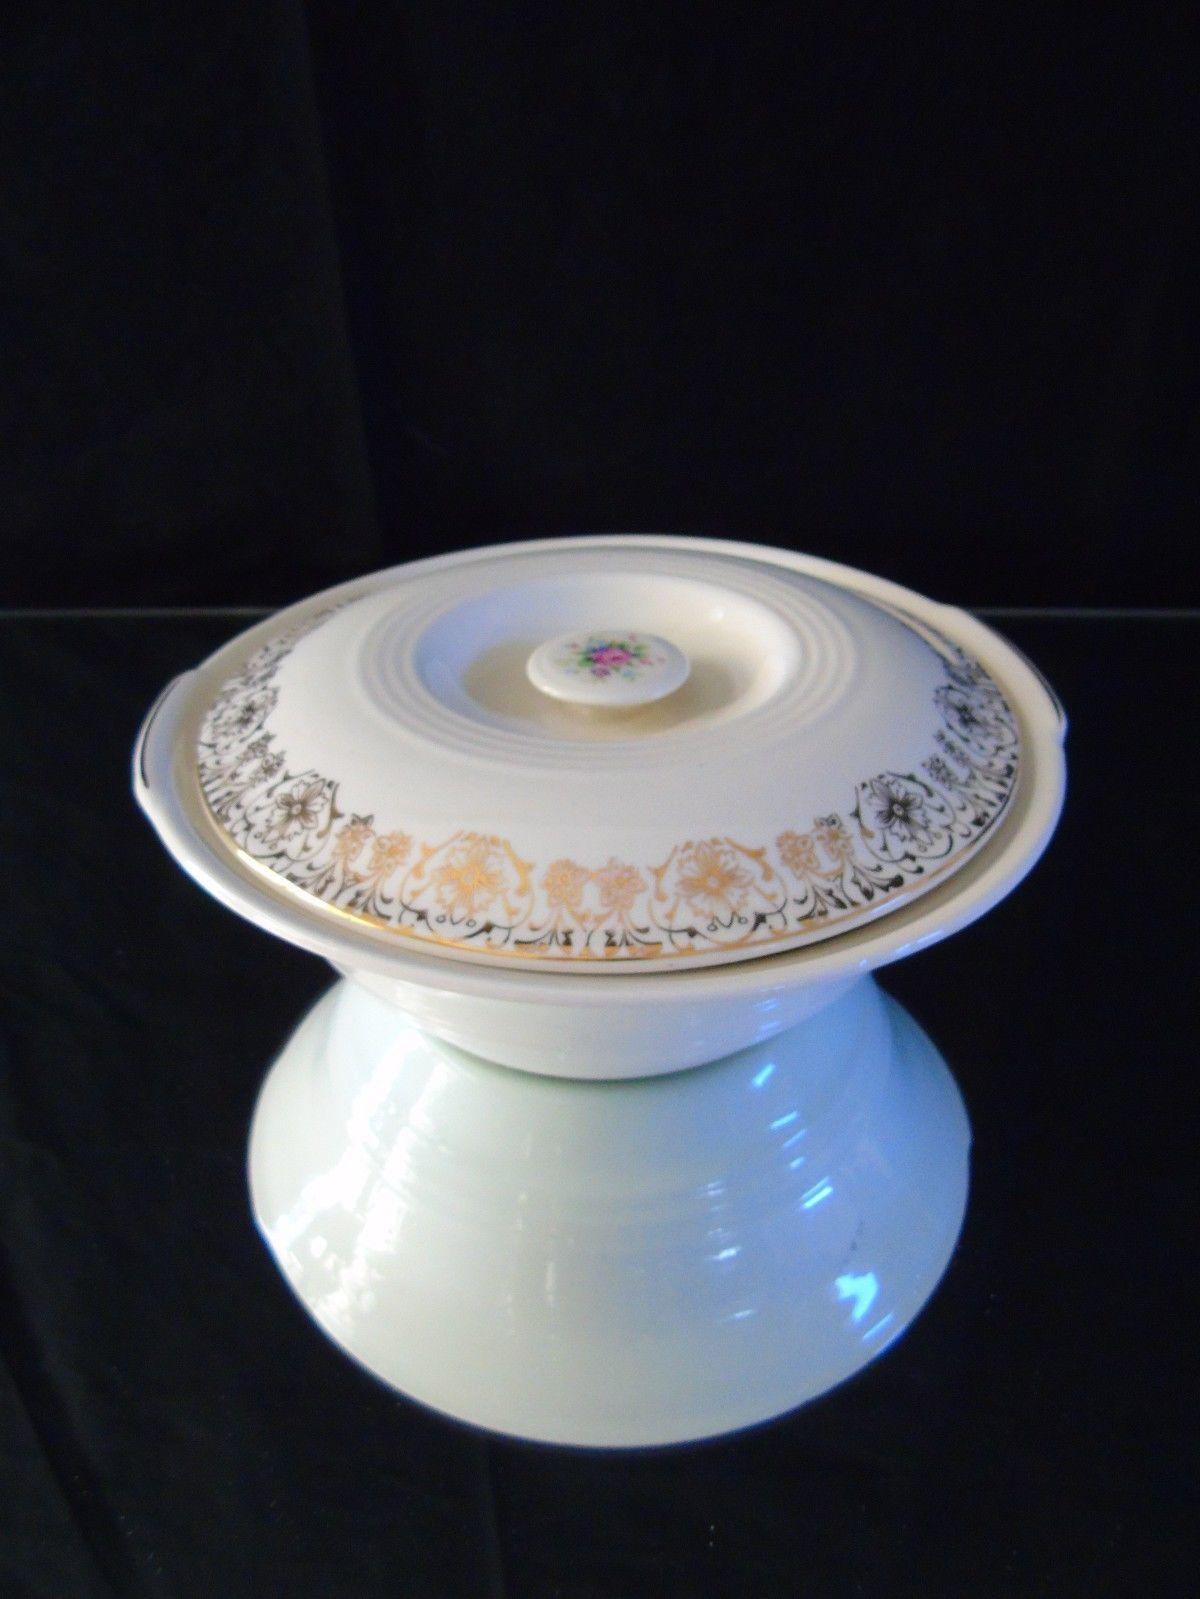 Rosalie Pattern Sebring Pottery USA Lidded Serving Vegetable Bowl 22K gold Trim